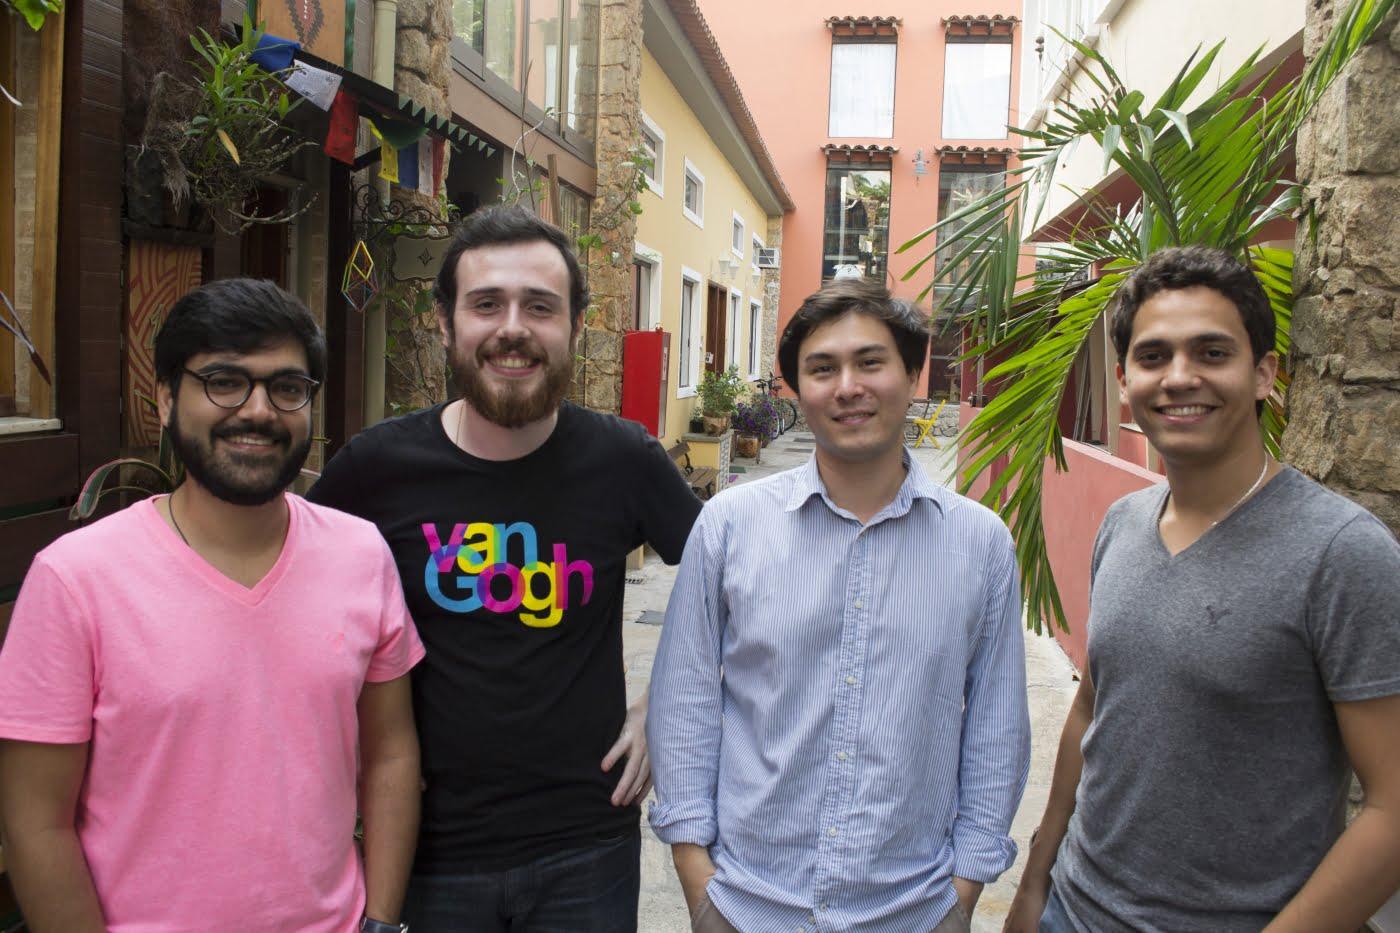 Os sócios Marllon Calaes, Daniel Ushida, Antonio Cardoso e Felipe Ferraz, investiram 50 mil reais do próprio bolso para colocar no ar um aplicativo para tirar dúvidas do micro e pequeno empreendedor.